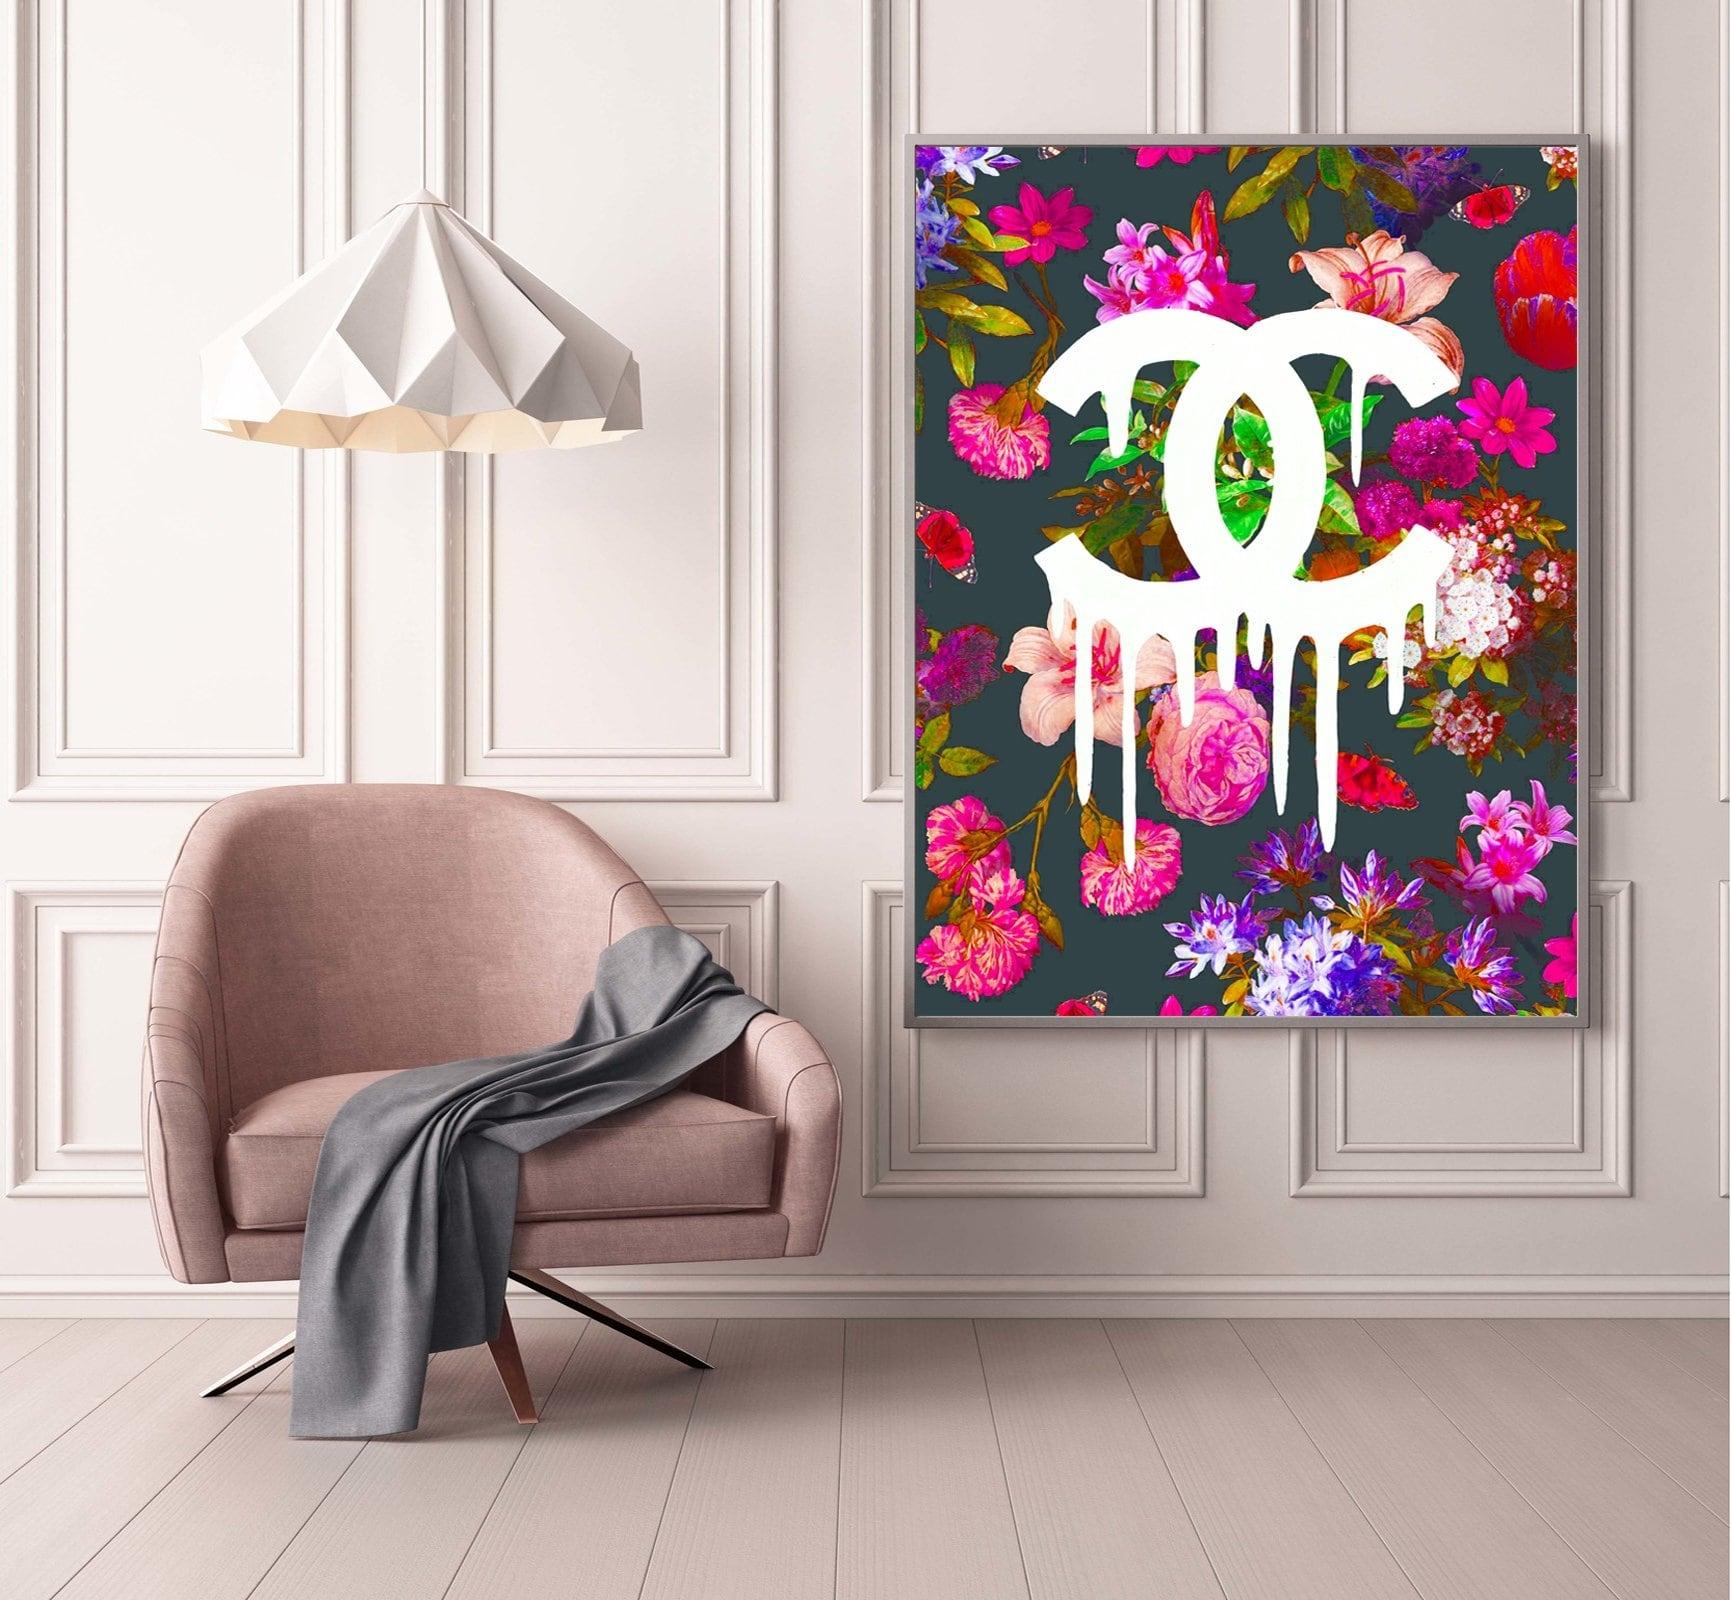 Tableau pop art et contemporain de la marque chanel avec des fleurs